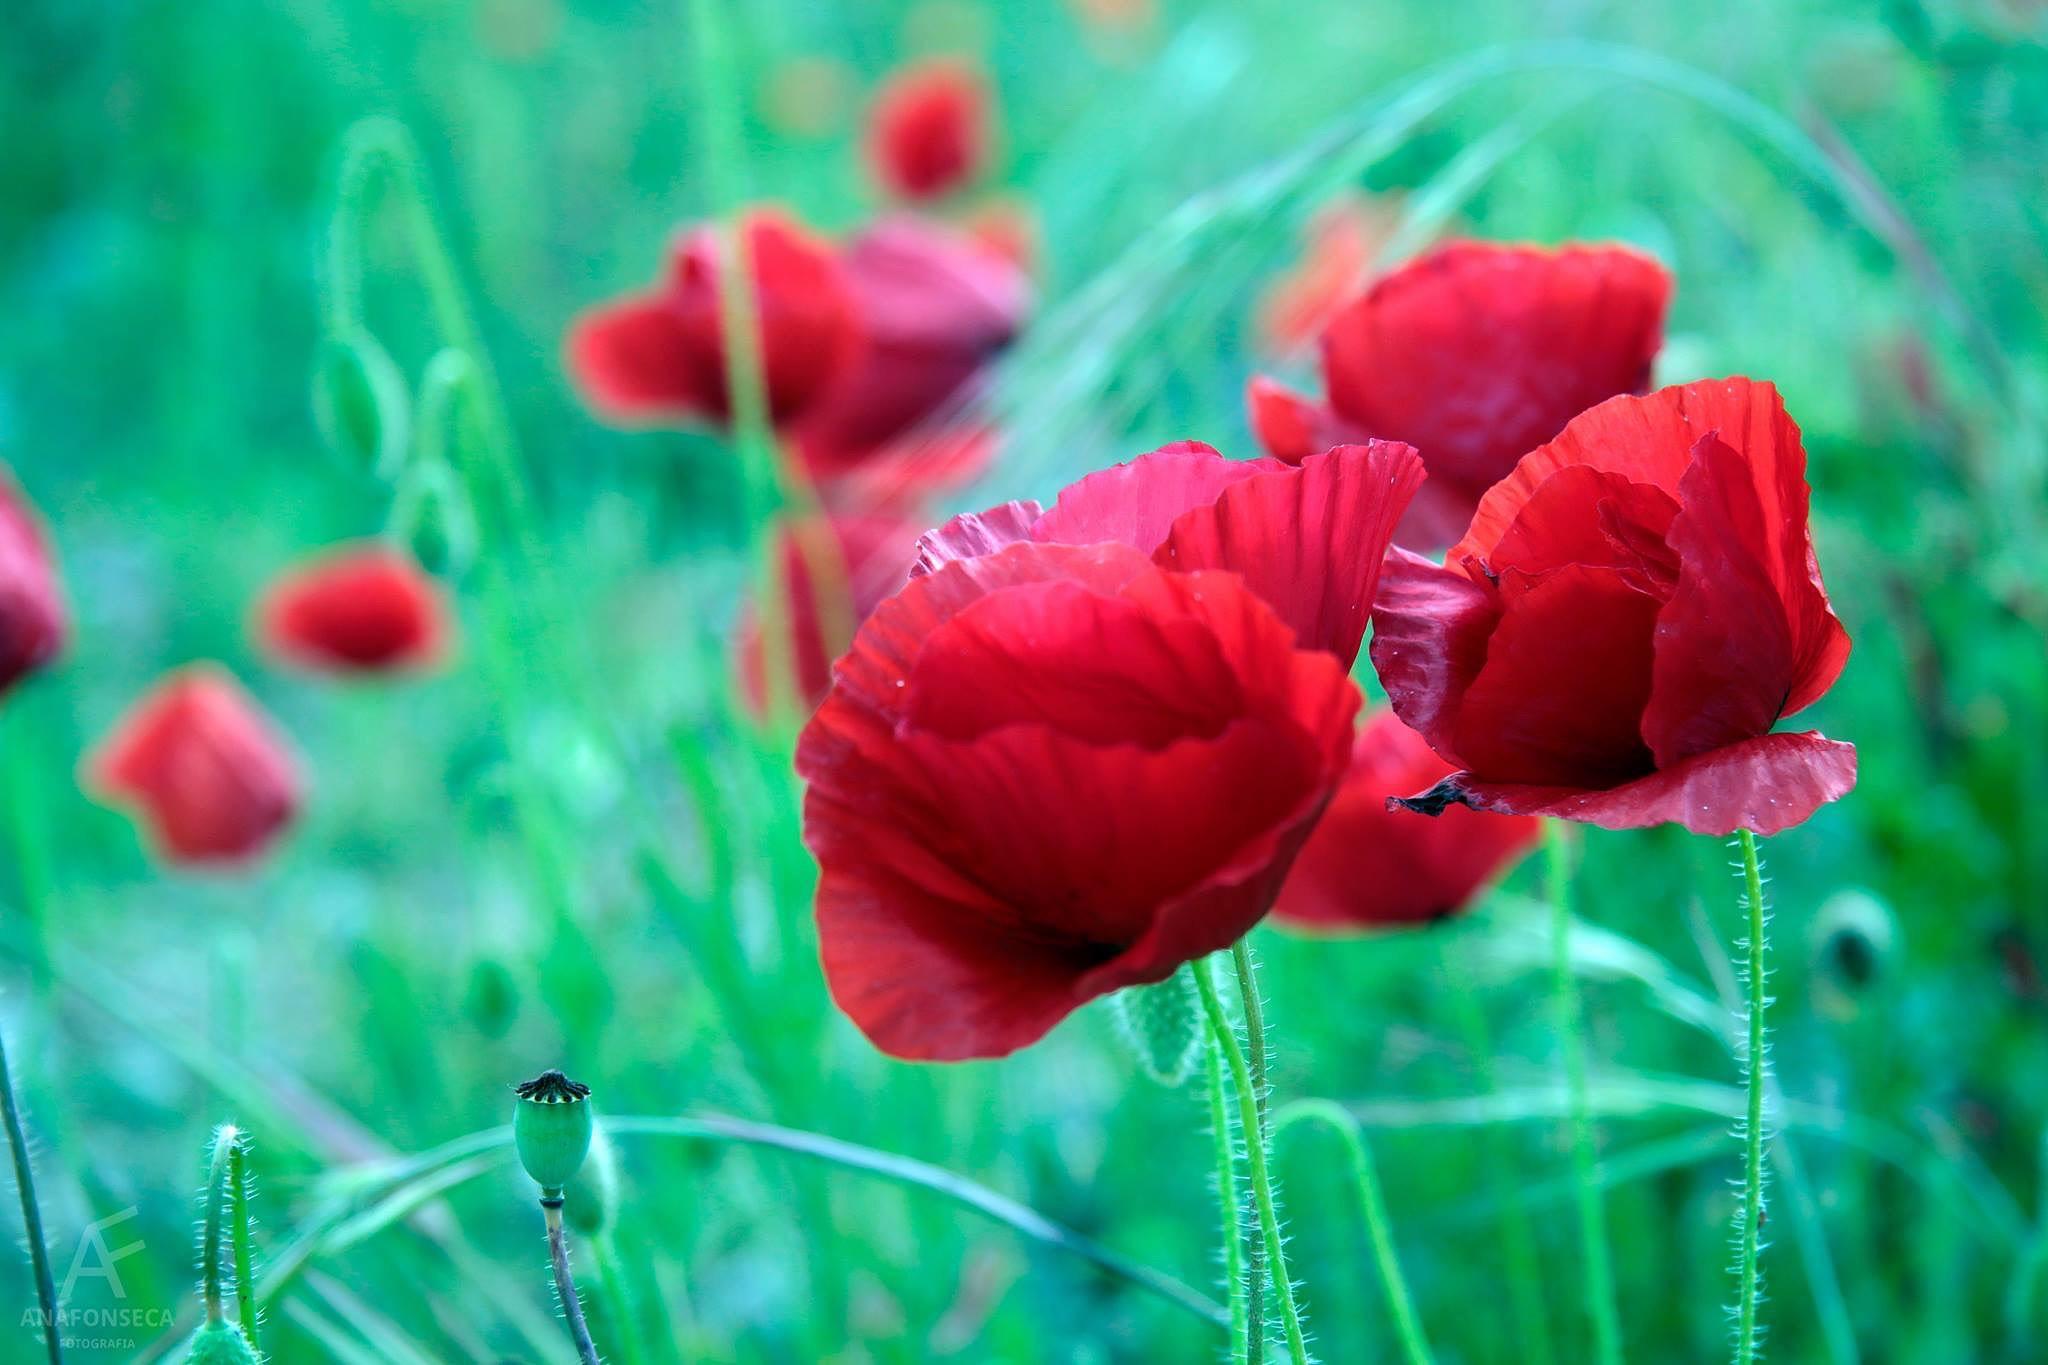 Poppies  by Ana Paula Fonseca